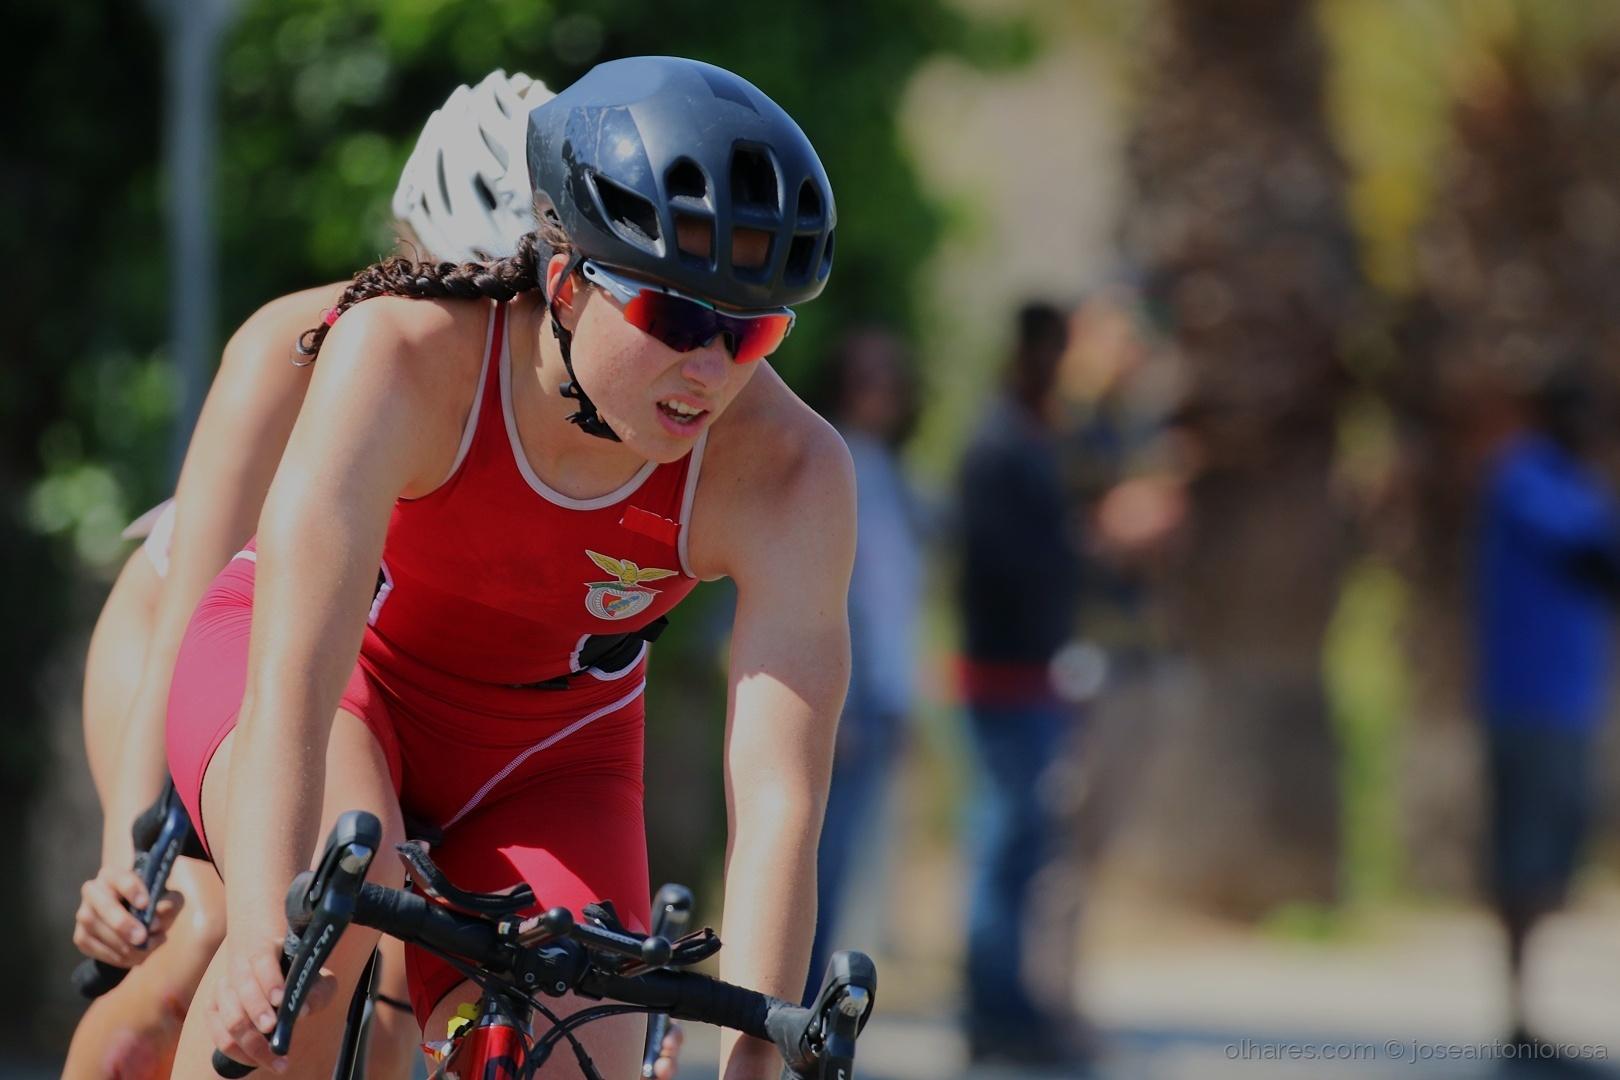 Desporto e Ação/Triatlo feminino - 5